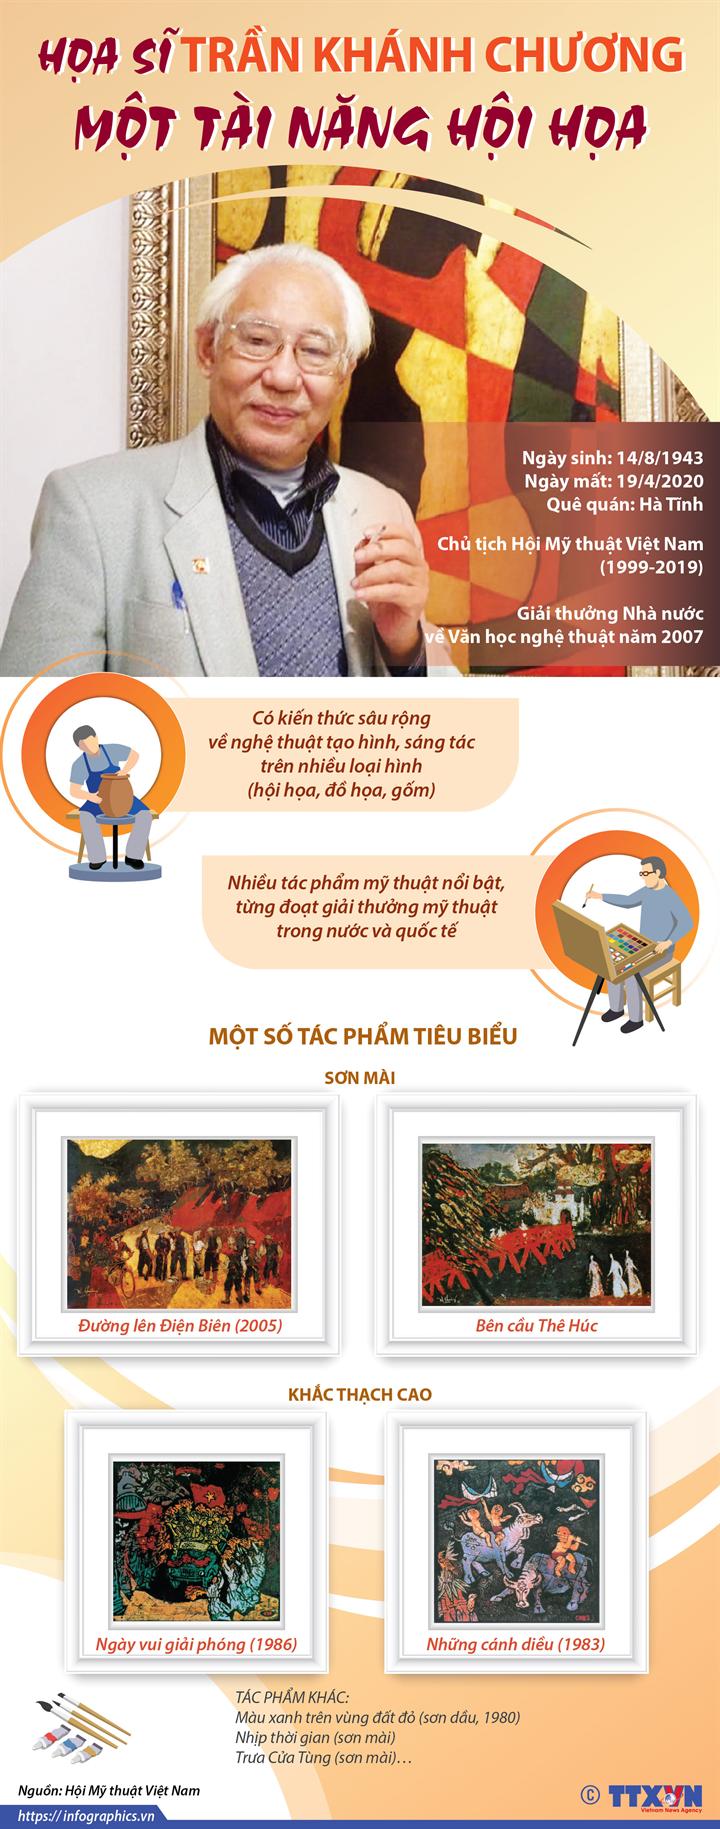 Họa sĩ Trần Khánh Chương: Một tài năng hội họa